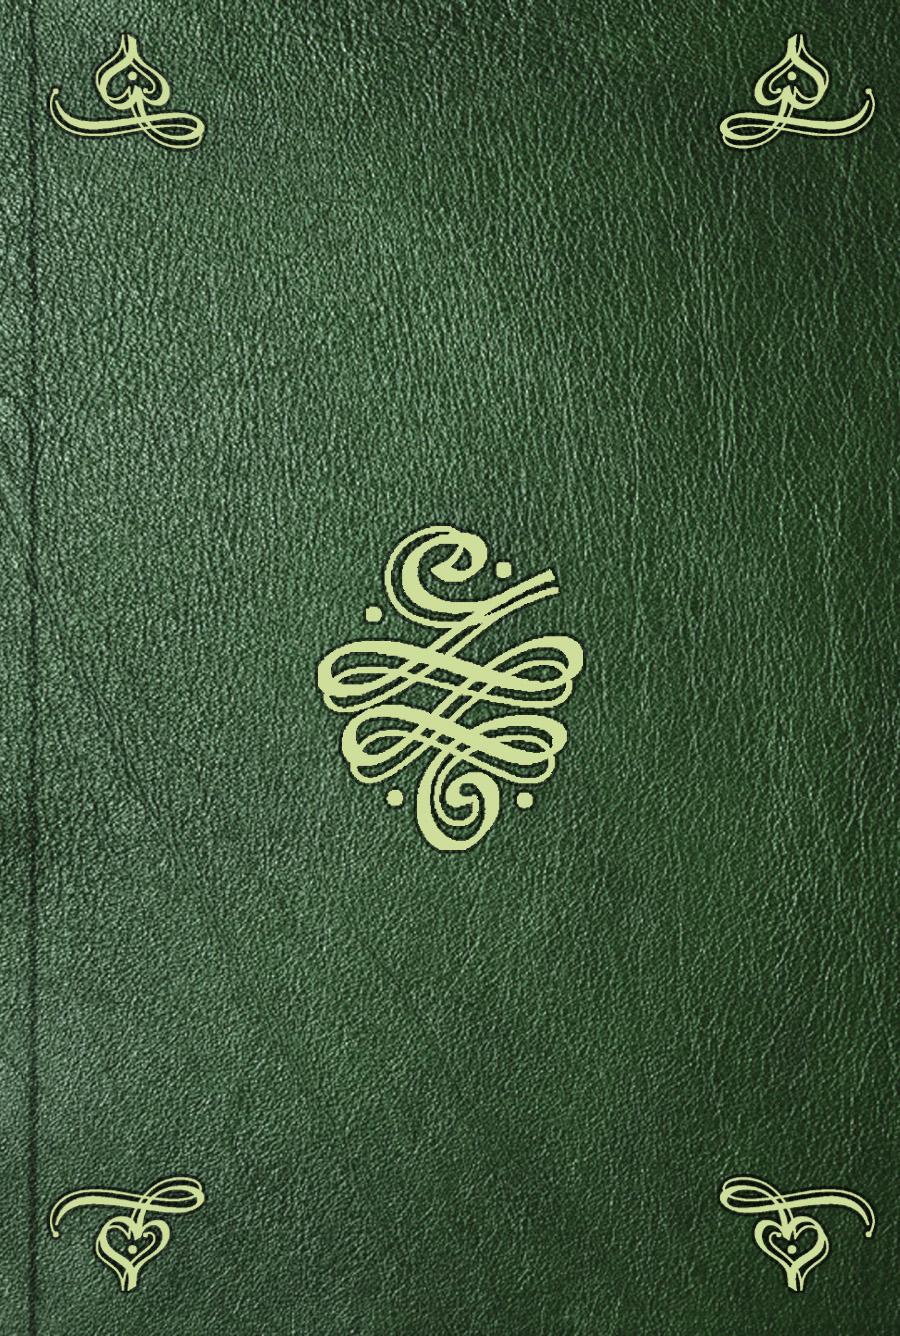 Robert Hooke «Micrographia»